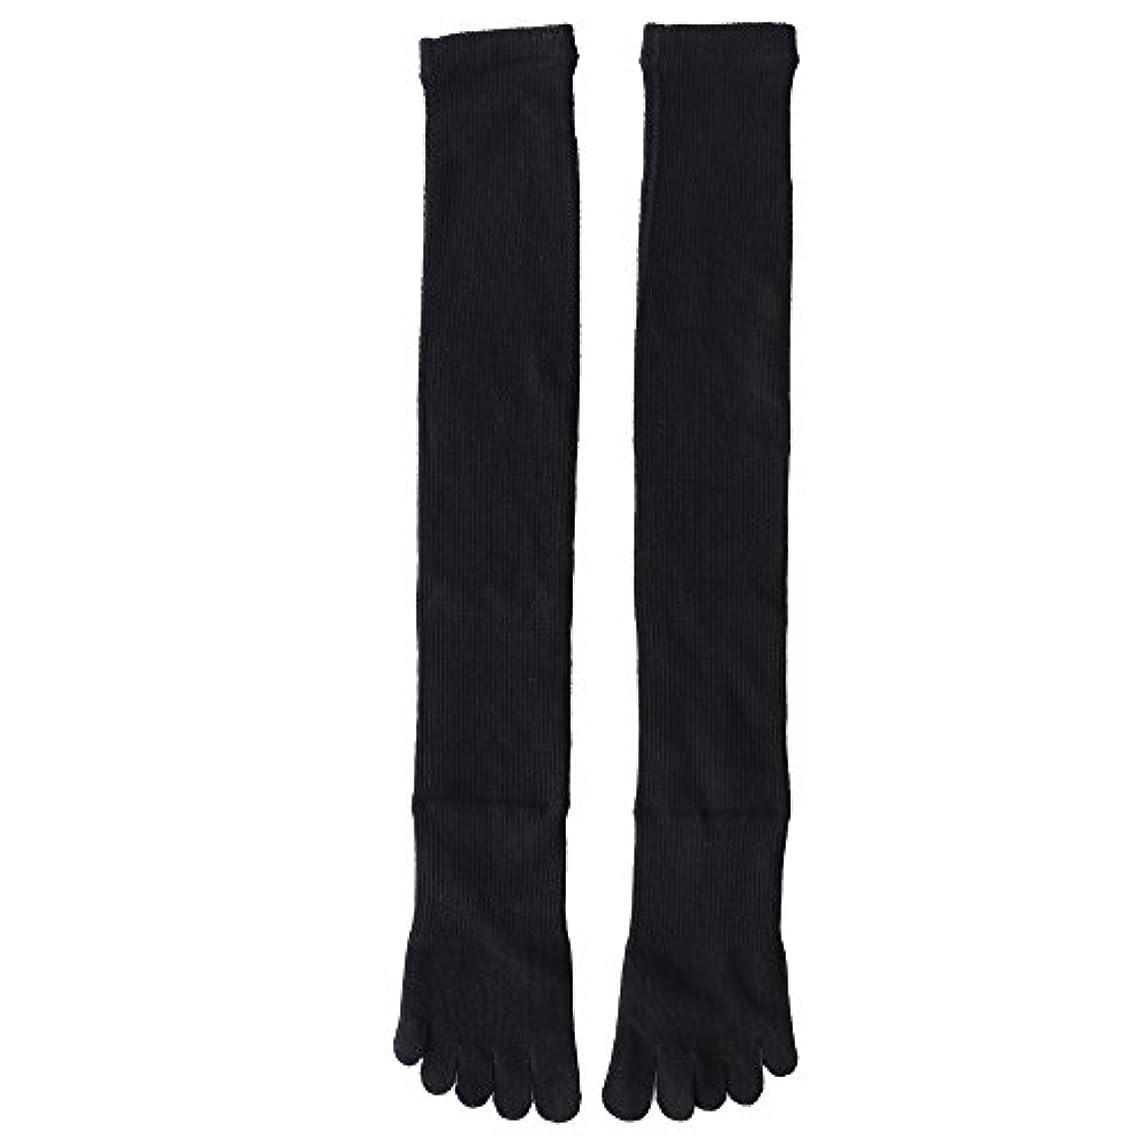 白内障買収体操日本製靴下 5本指 着圧オーバニーハイソックス